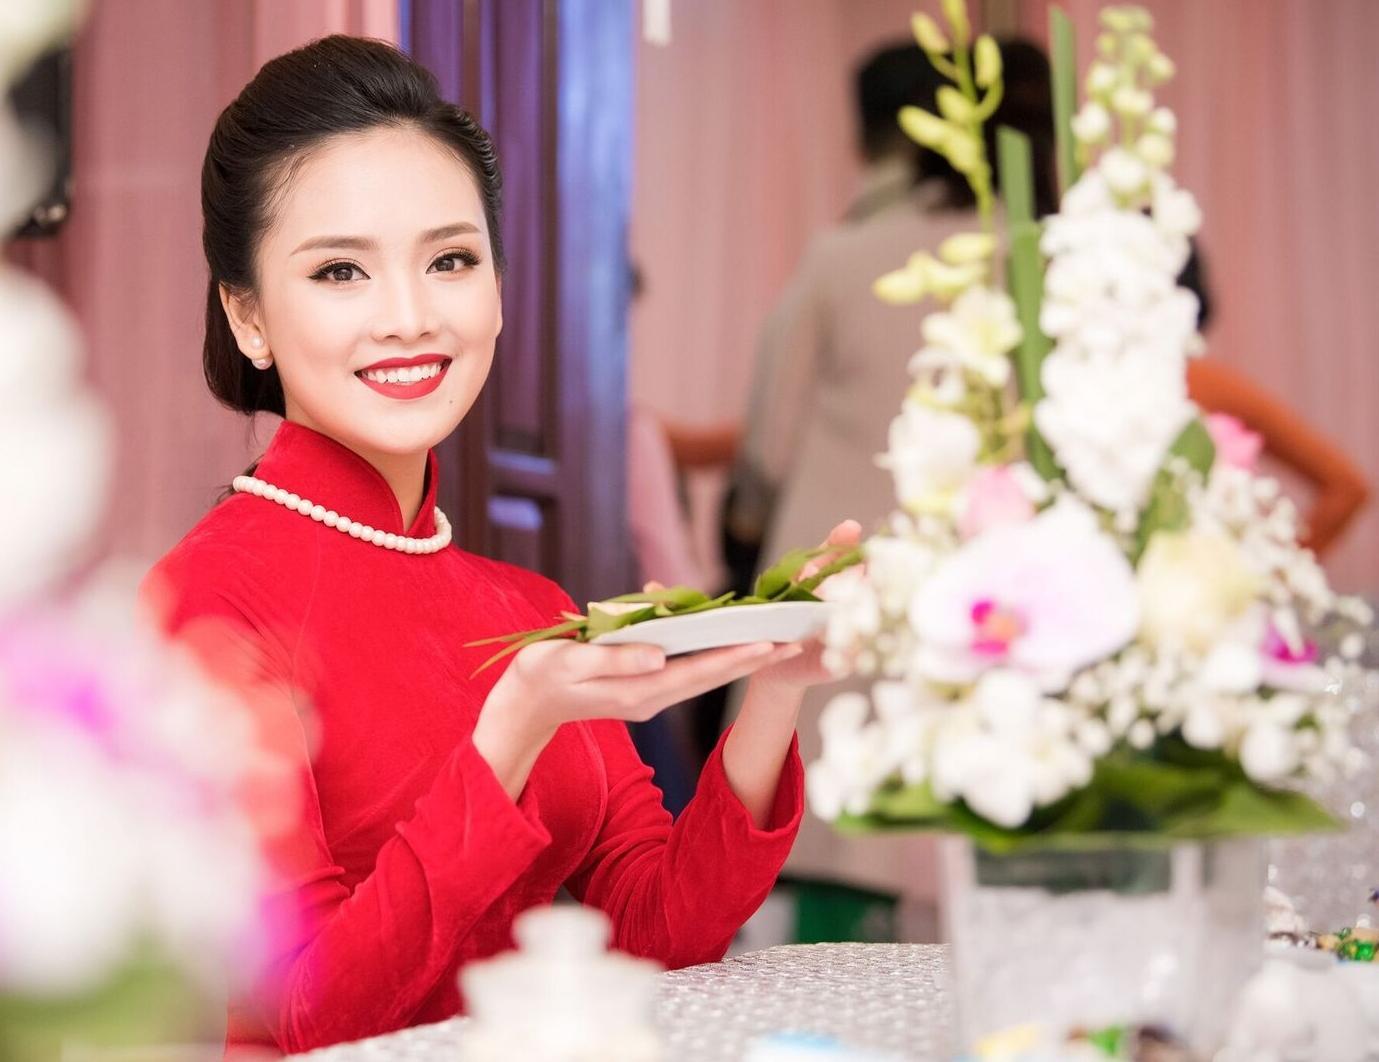 Hoa hậu khả ái Trần Tố Như nở nụ cười rạng rỡ, nắm chặt tay hot boy cảnh sát trong suốt lễ ăn hỏi-8